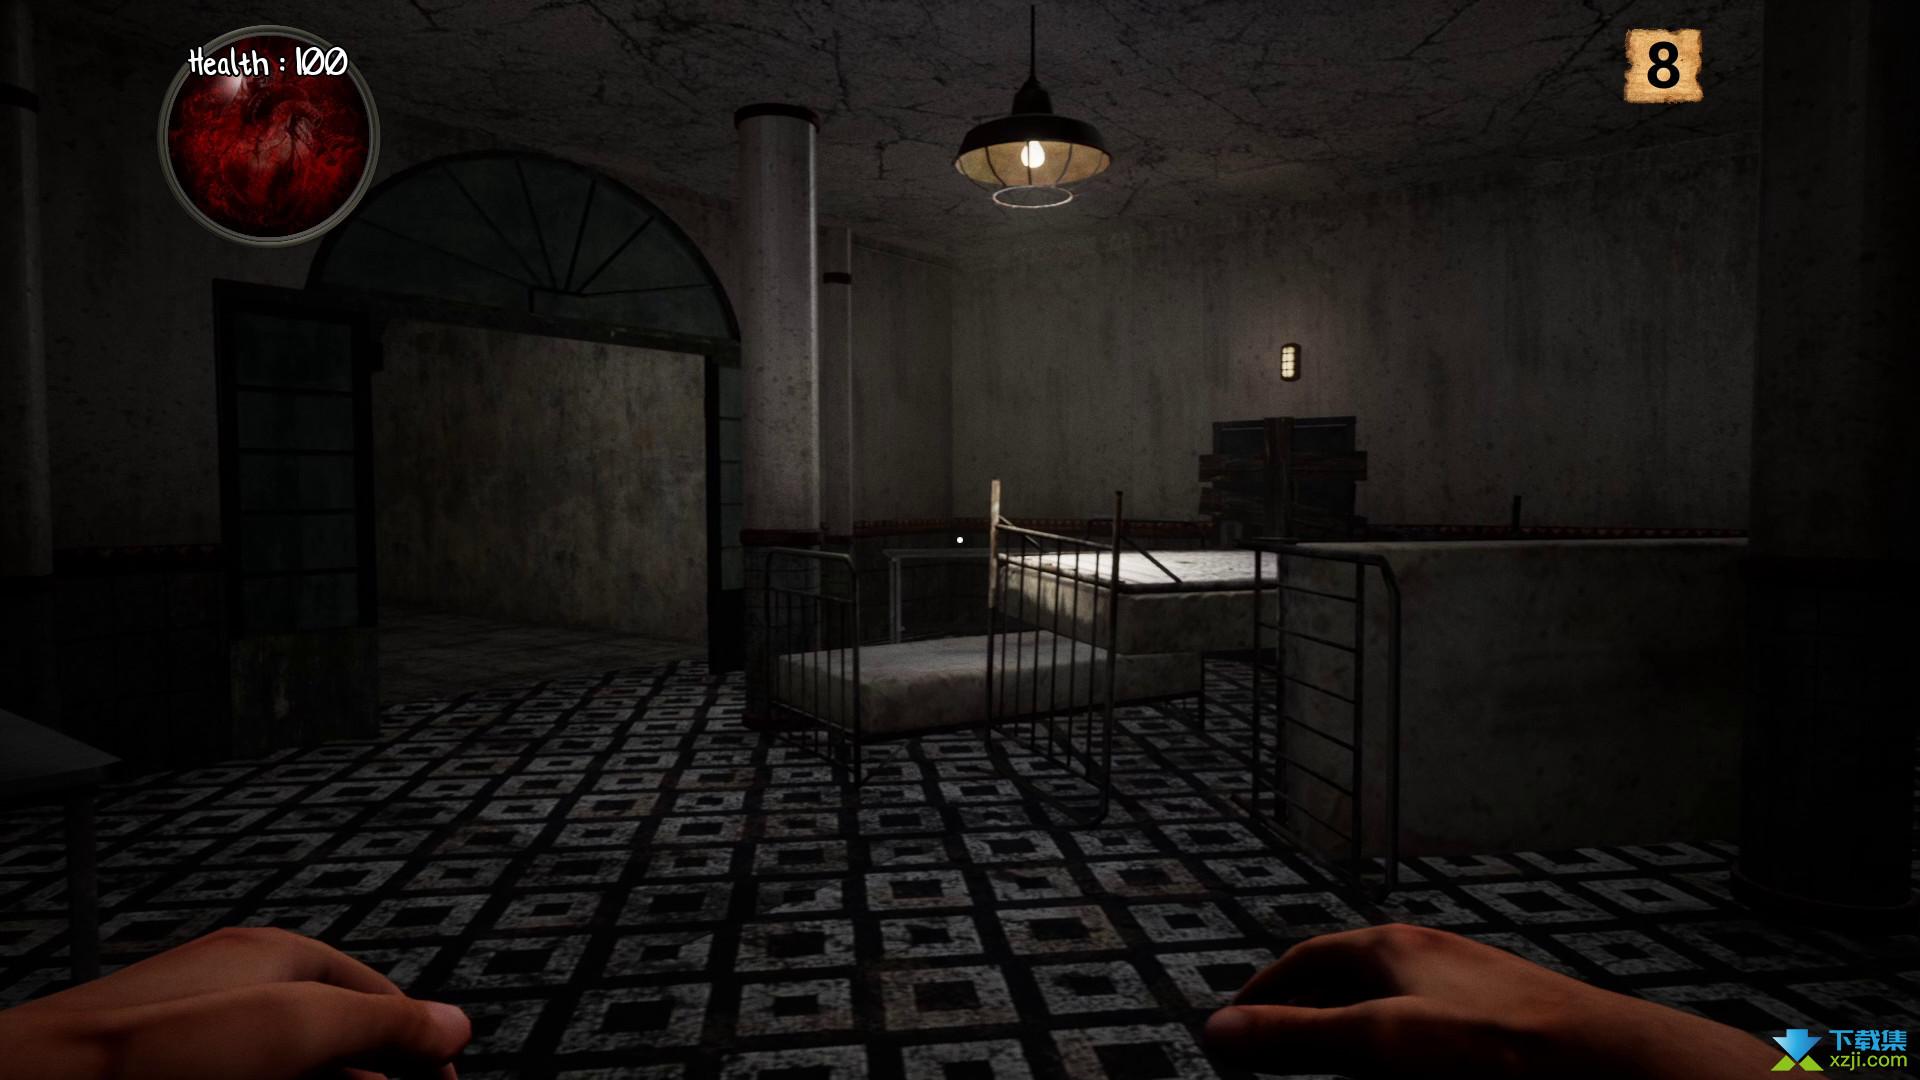 恐怖医院游戏界面